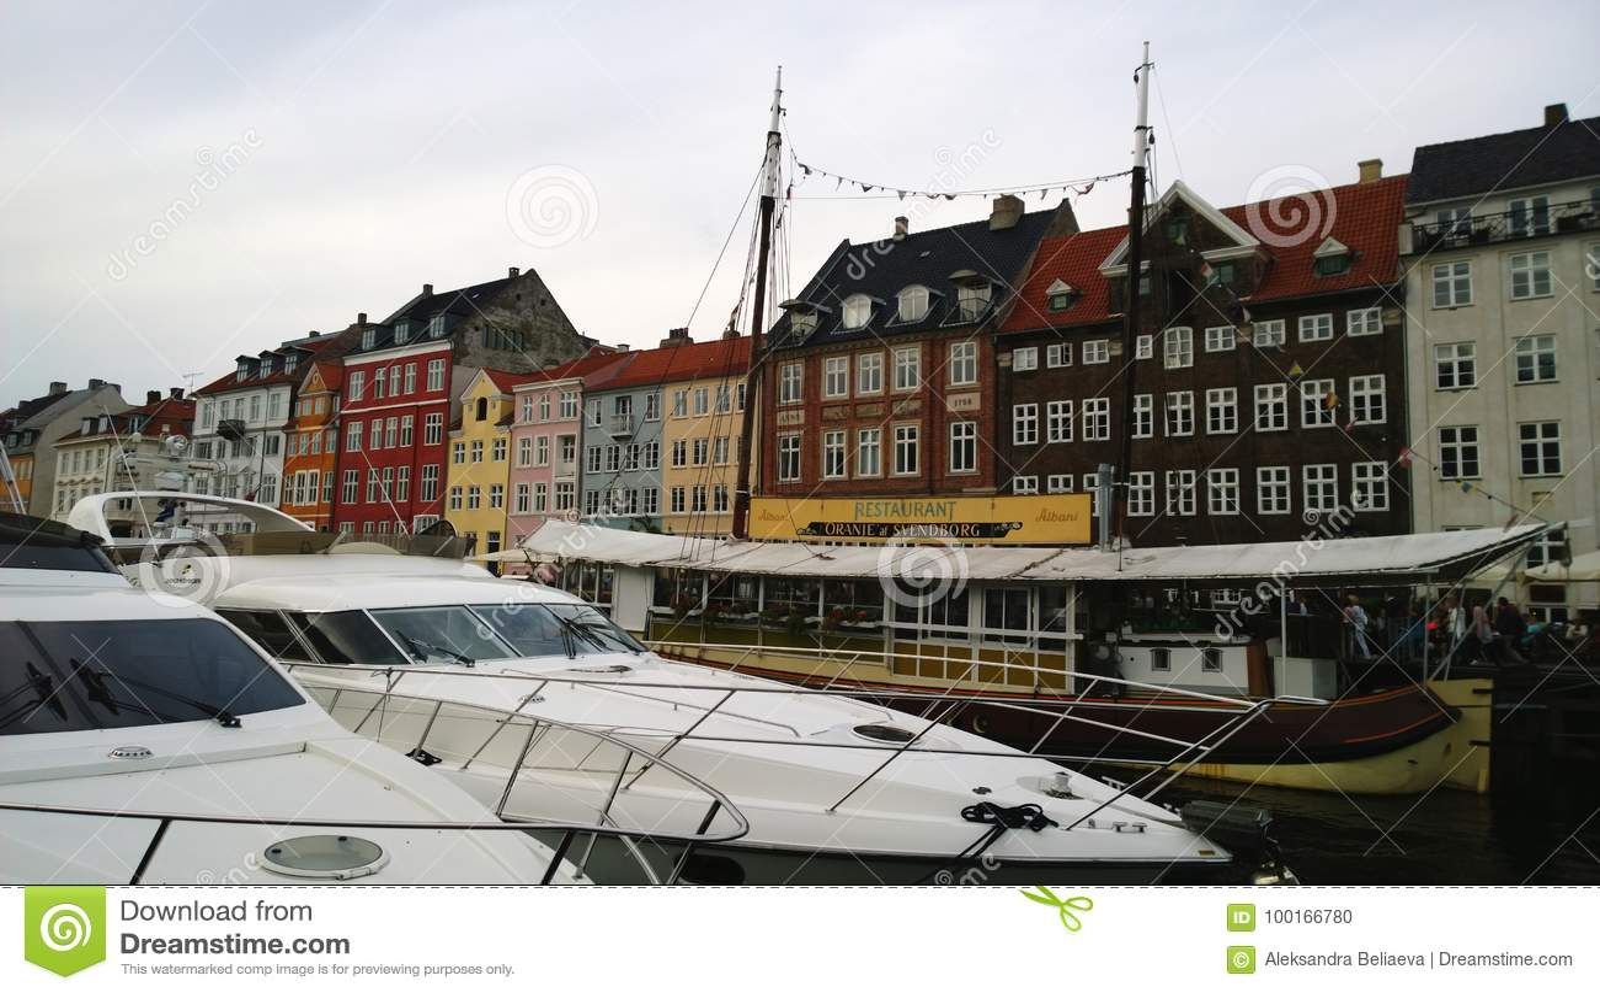 Sławny Nyhavn w Kopenhaga, z restauracjami i drogimi łodziami na wodzie